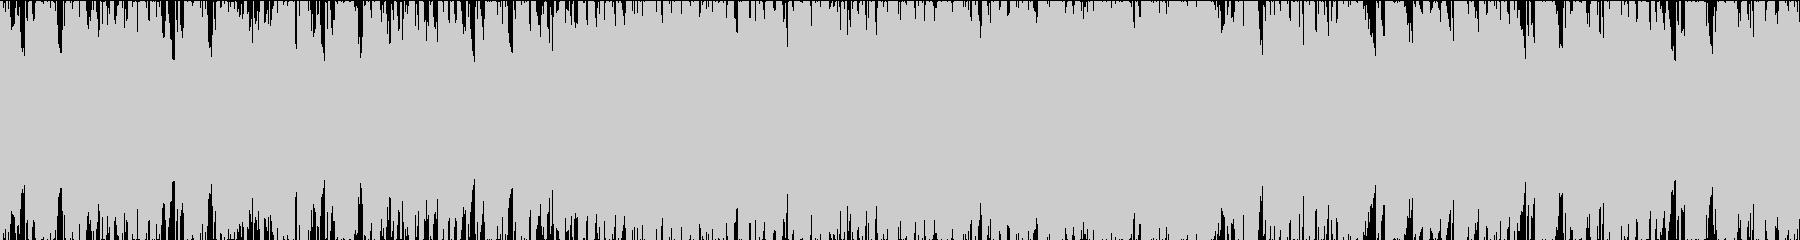 和風動画向け琴フュージョンループ3の未再生の波形